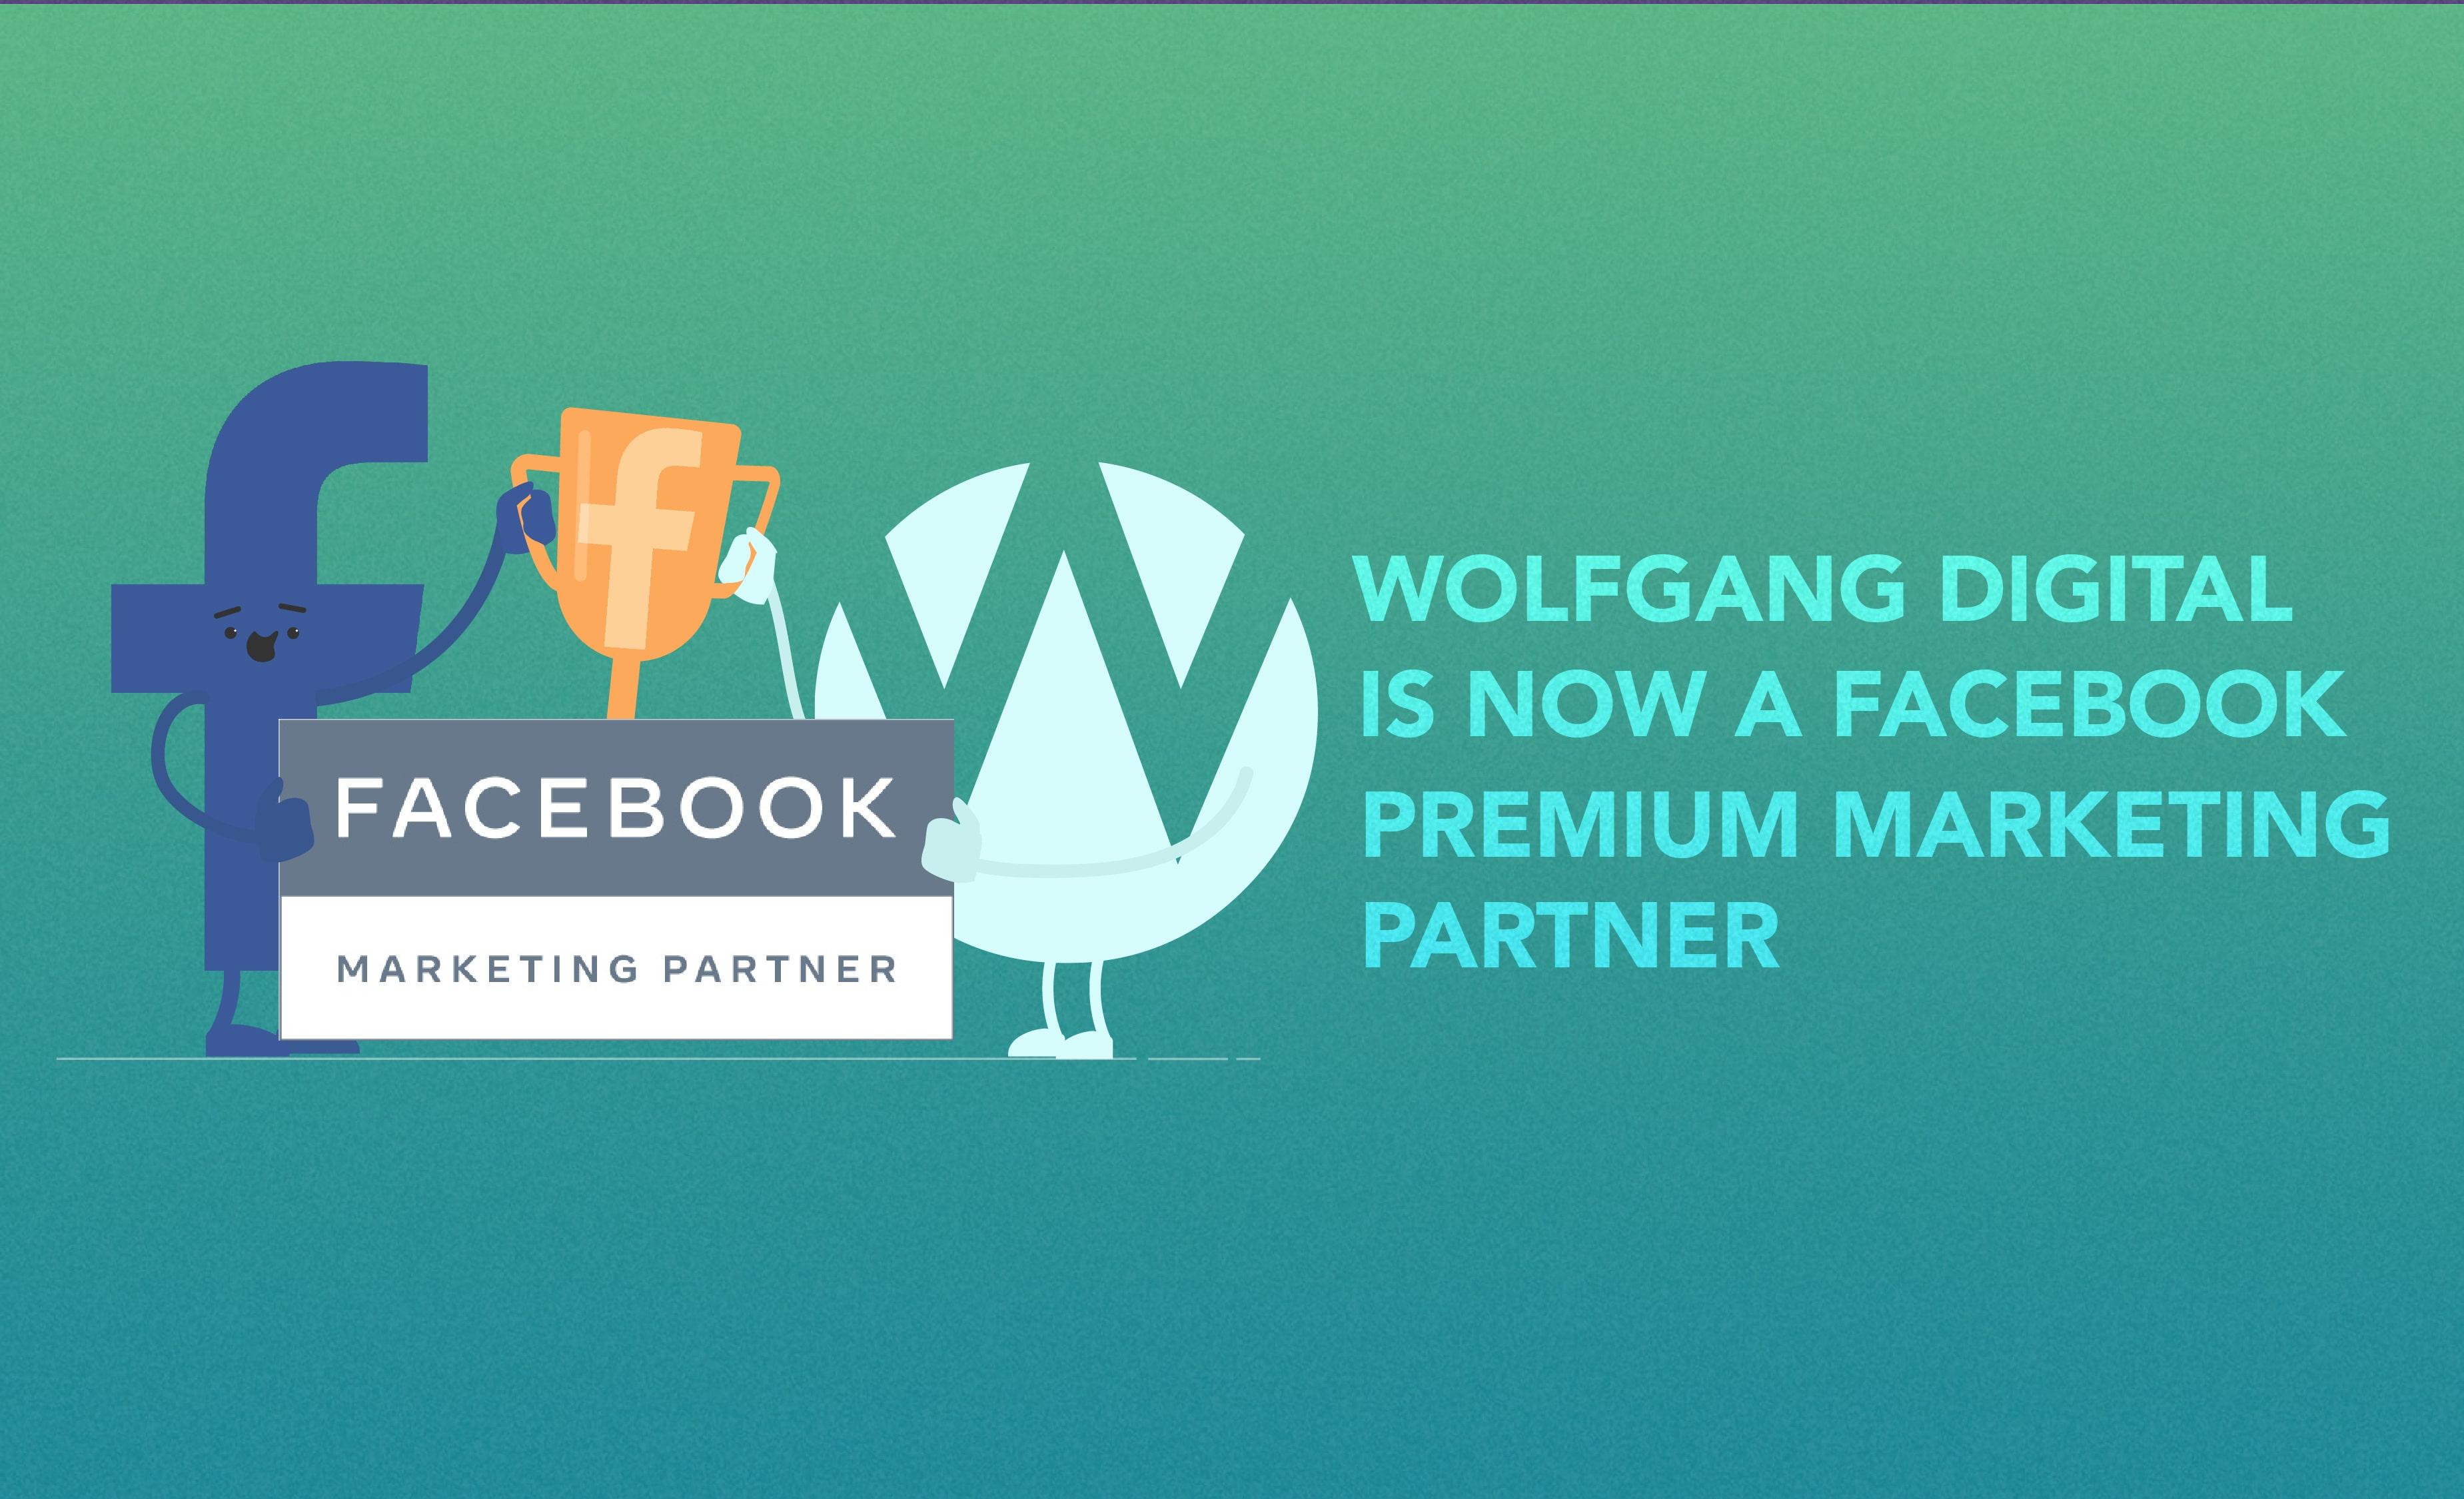 FB premium partner illustration